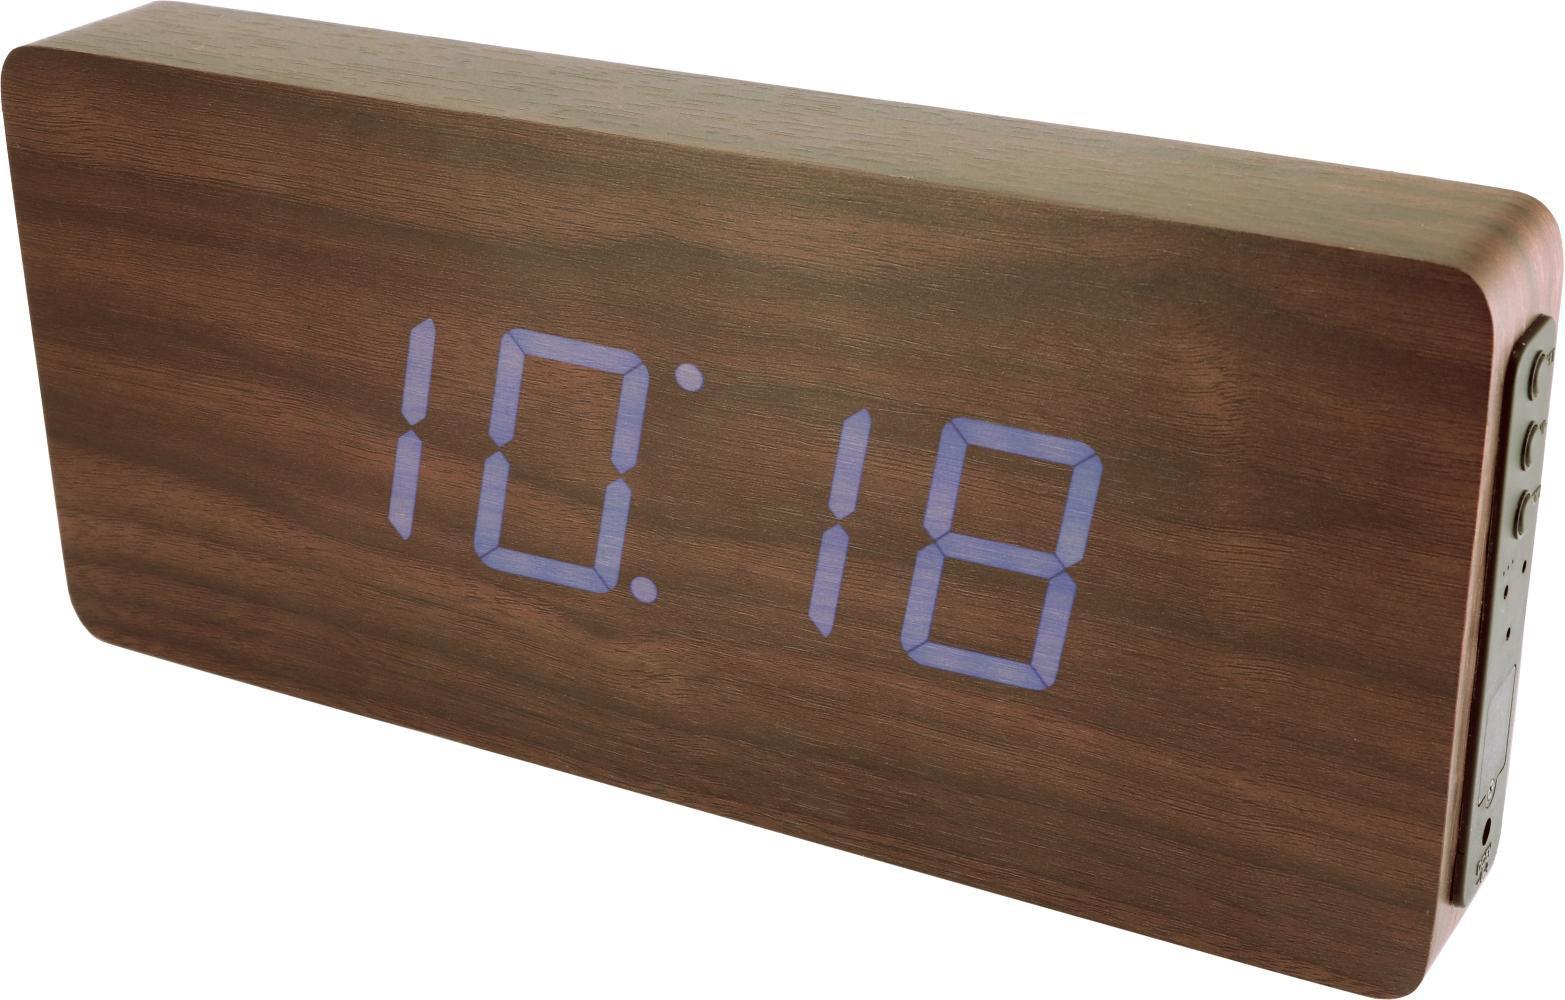 MPM Digitální budík s modrými LED diodami v dřevěném vzhledu MPM C02.3672 BLUE LED